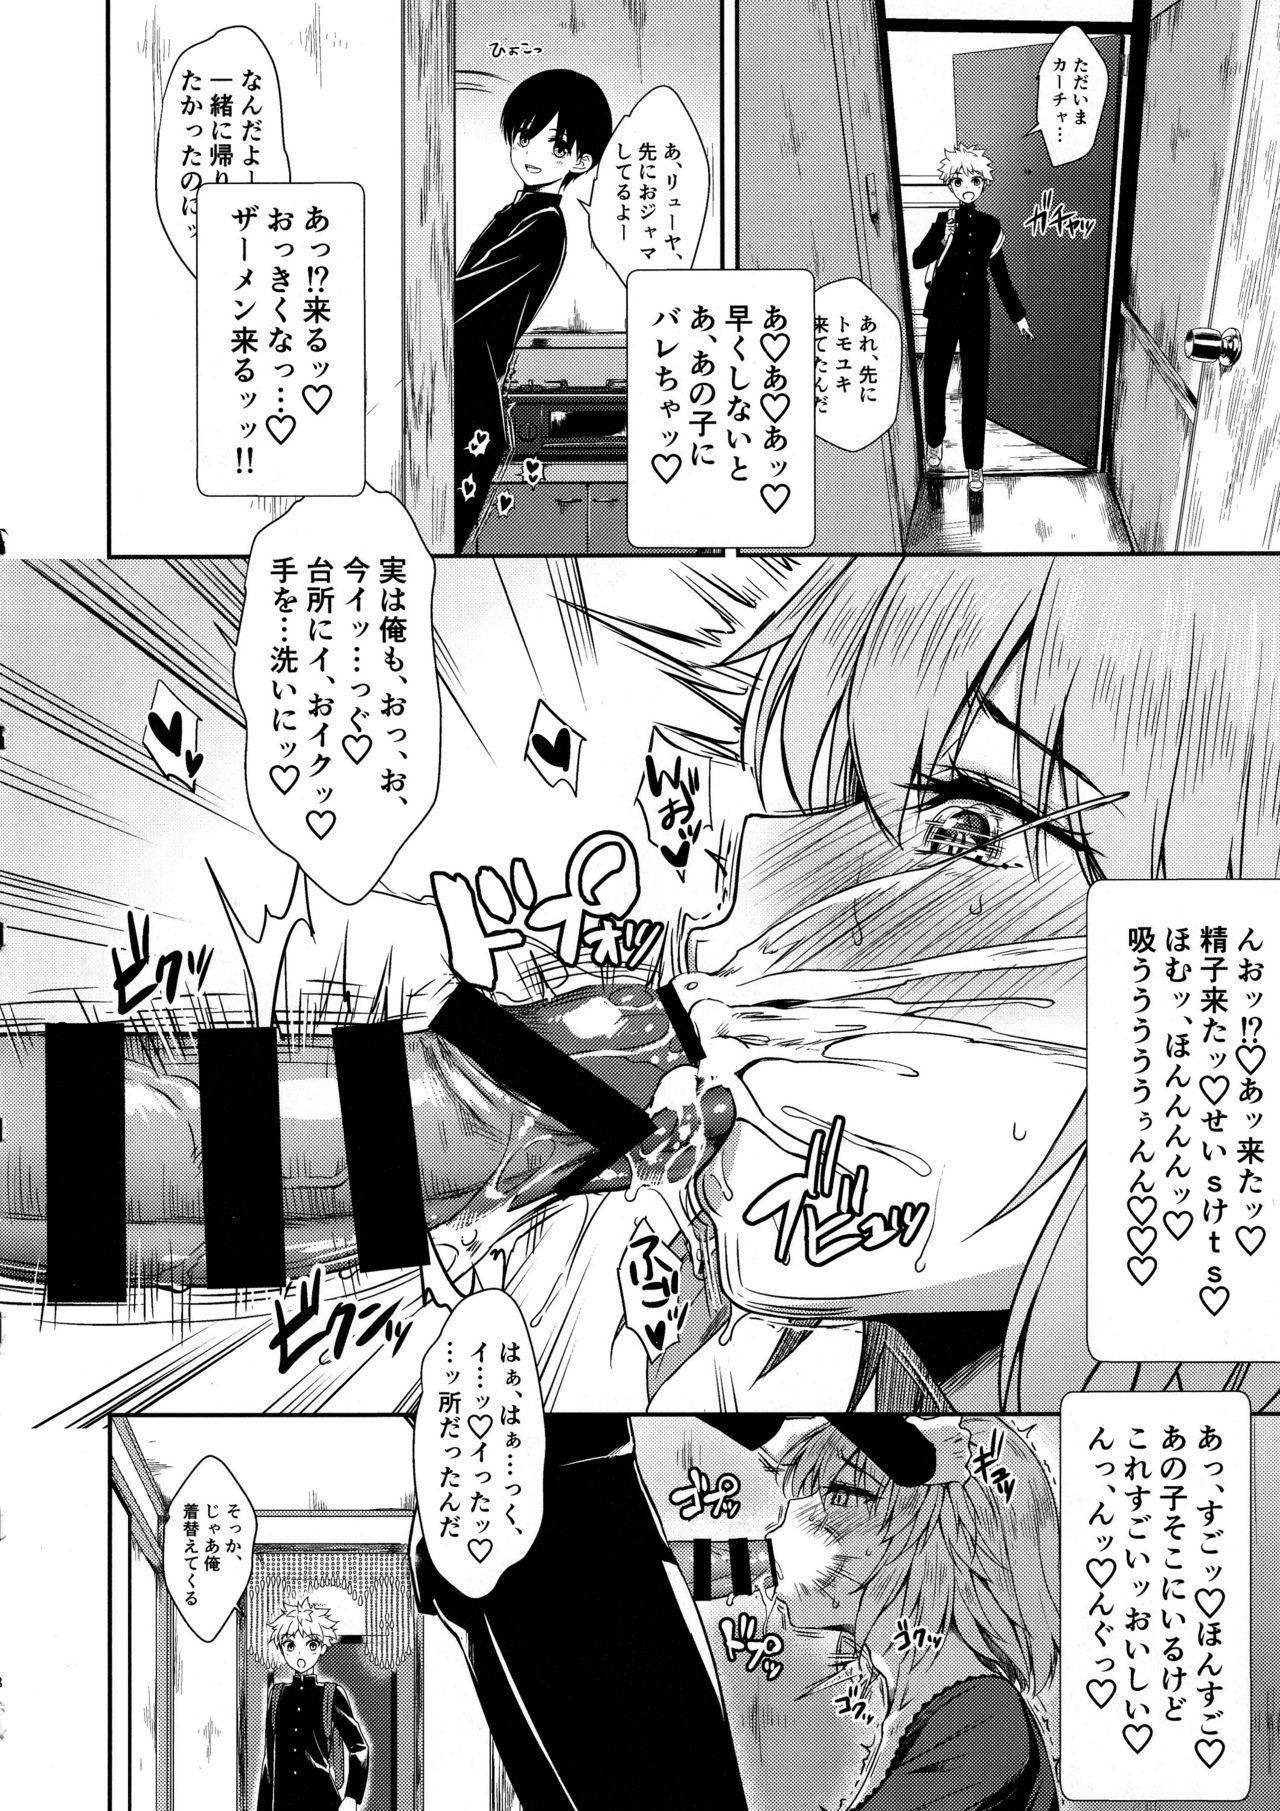 (C97) [Yakiniku Tabetai (Derauea)] Jeanne Alter (32) no Shikyuu Haiboku ~Musuko no Tomodachi ni Tanetsuke o Kongan suru Hitozuma Servant~ (Fate/Grand Order) 5